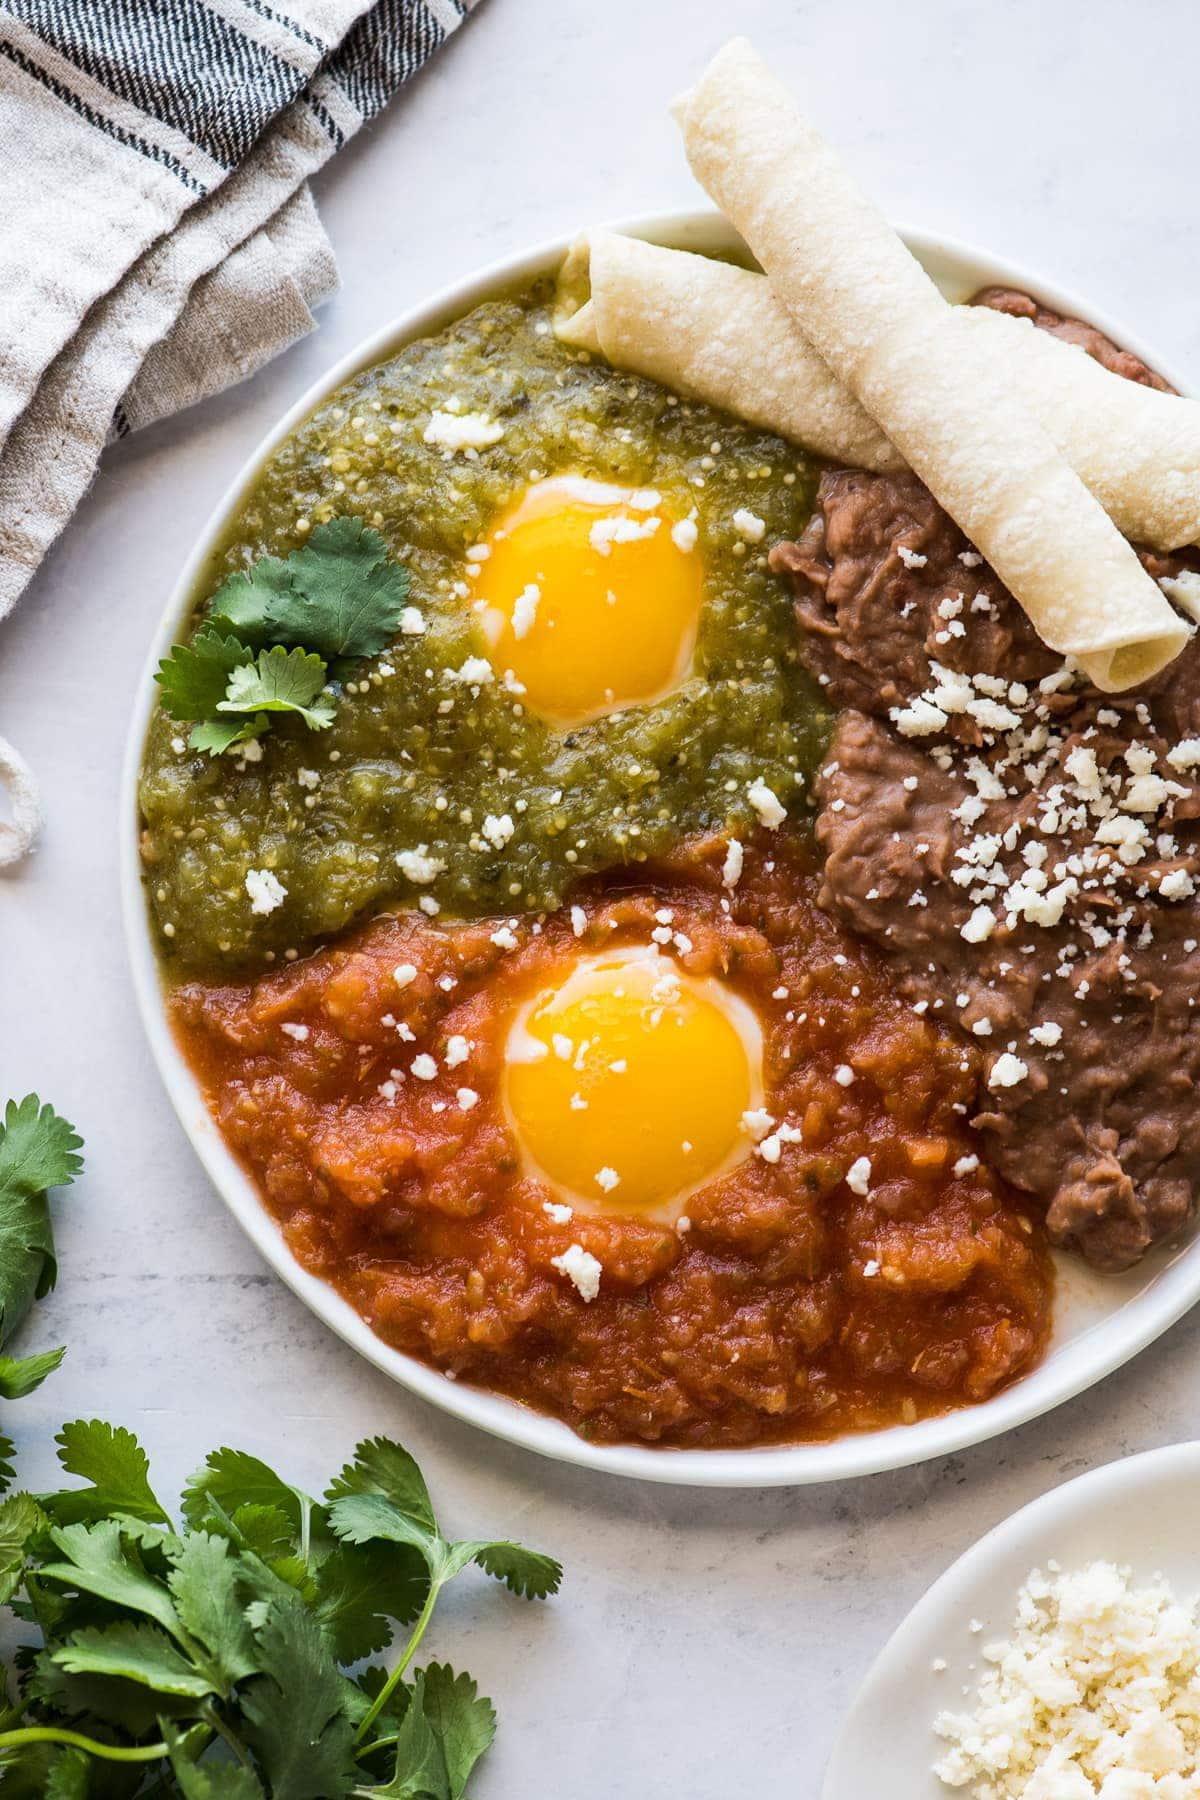 Huevos divorciados on a plate with salsa roja and salsa verde.